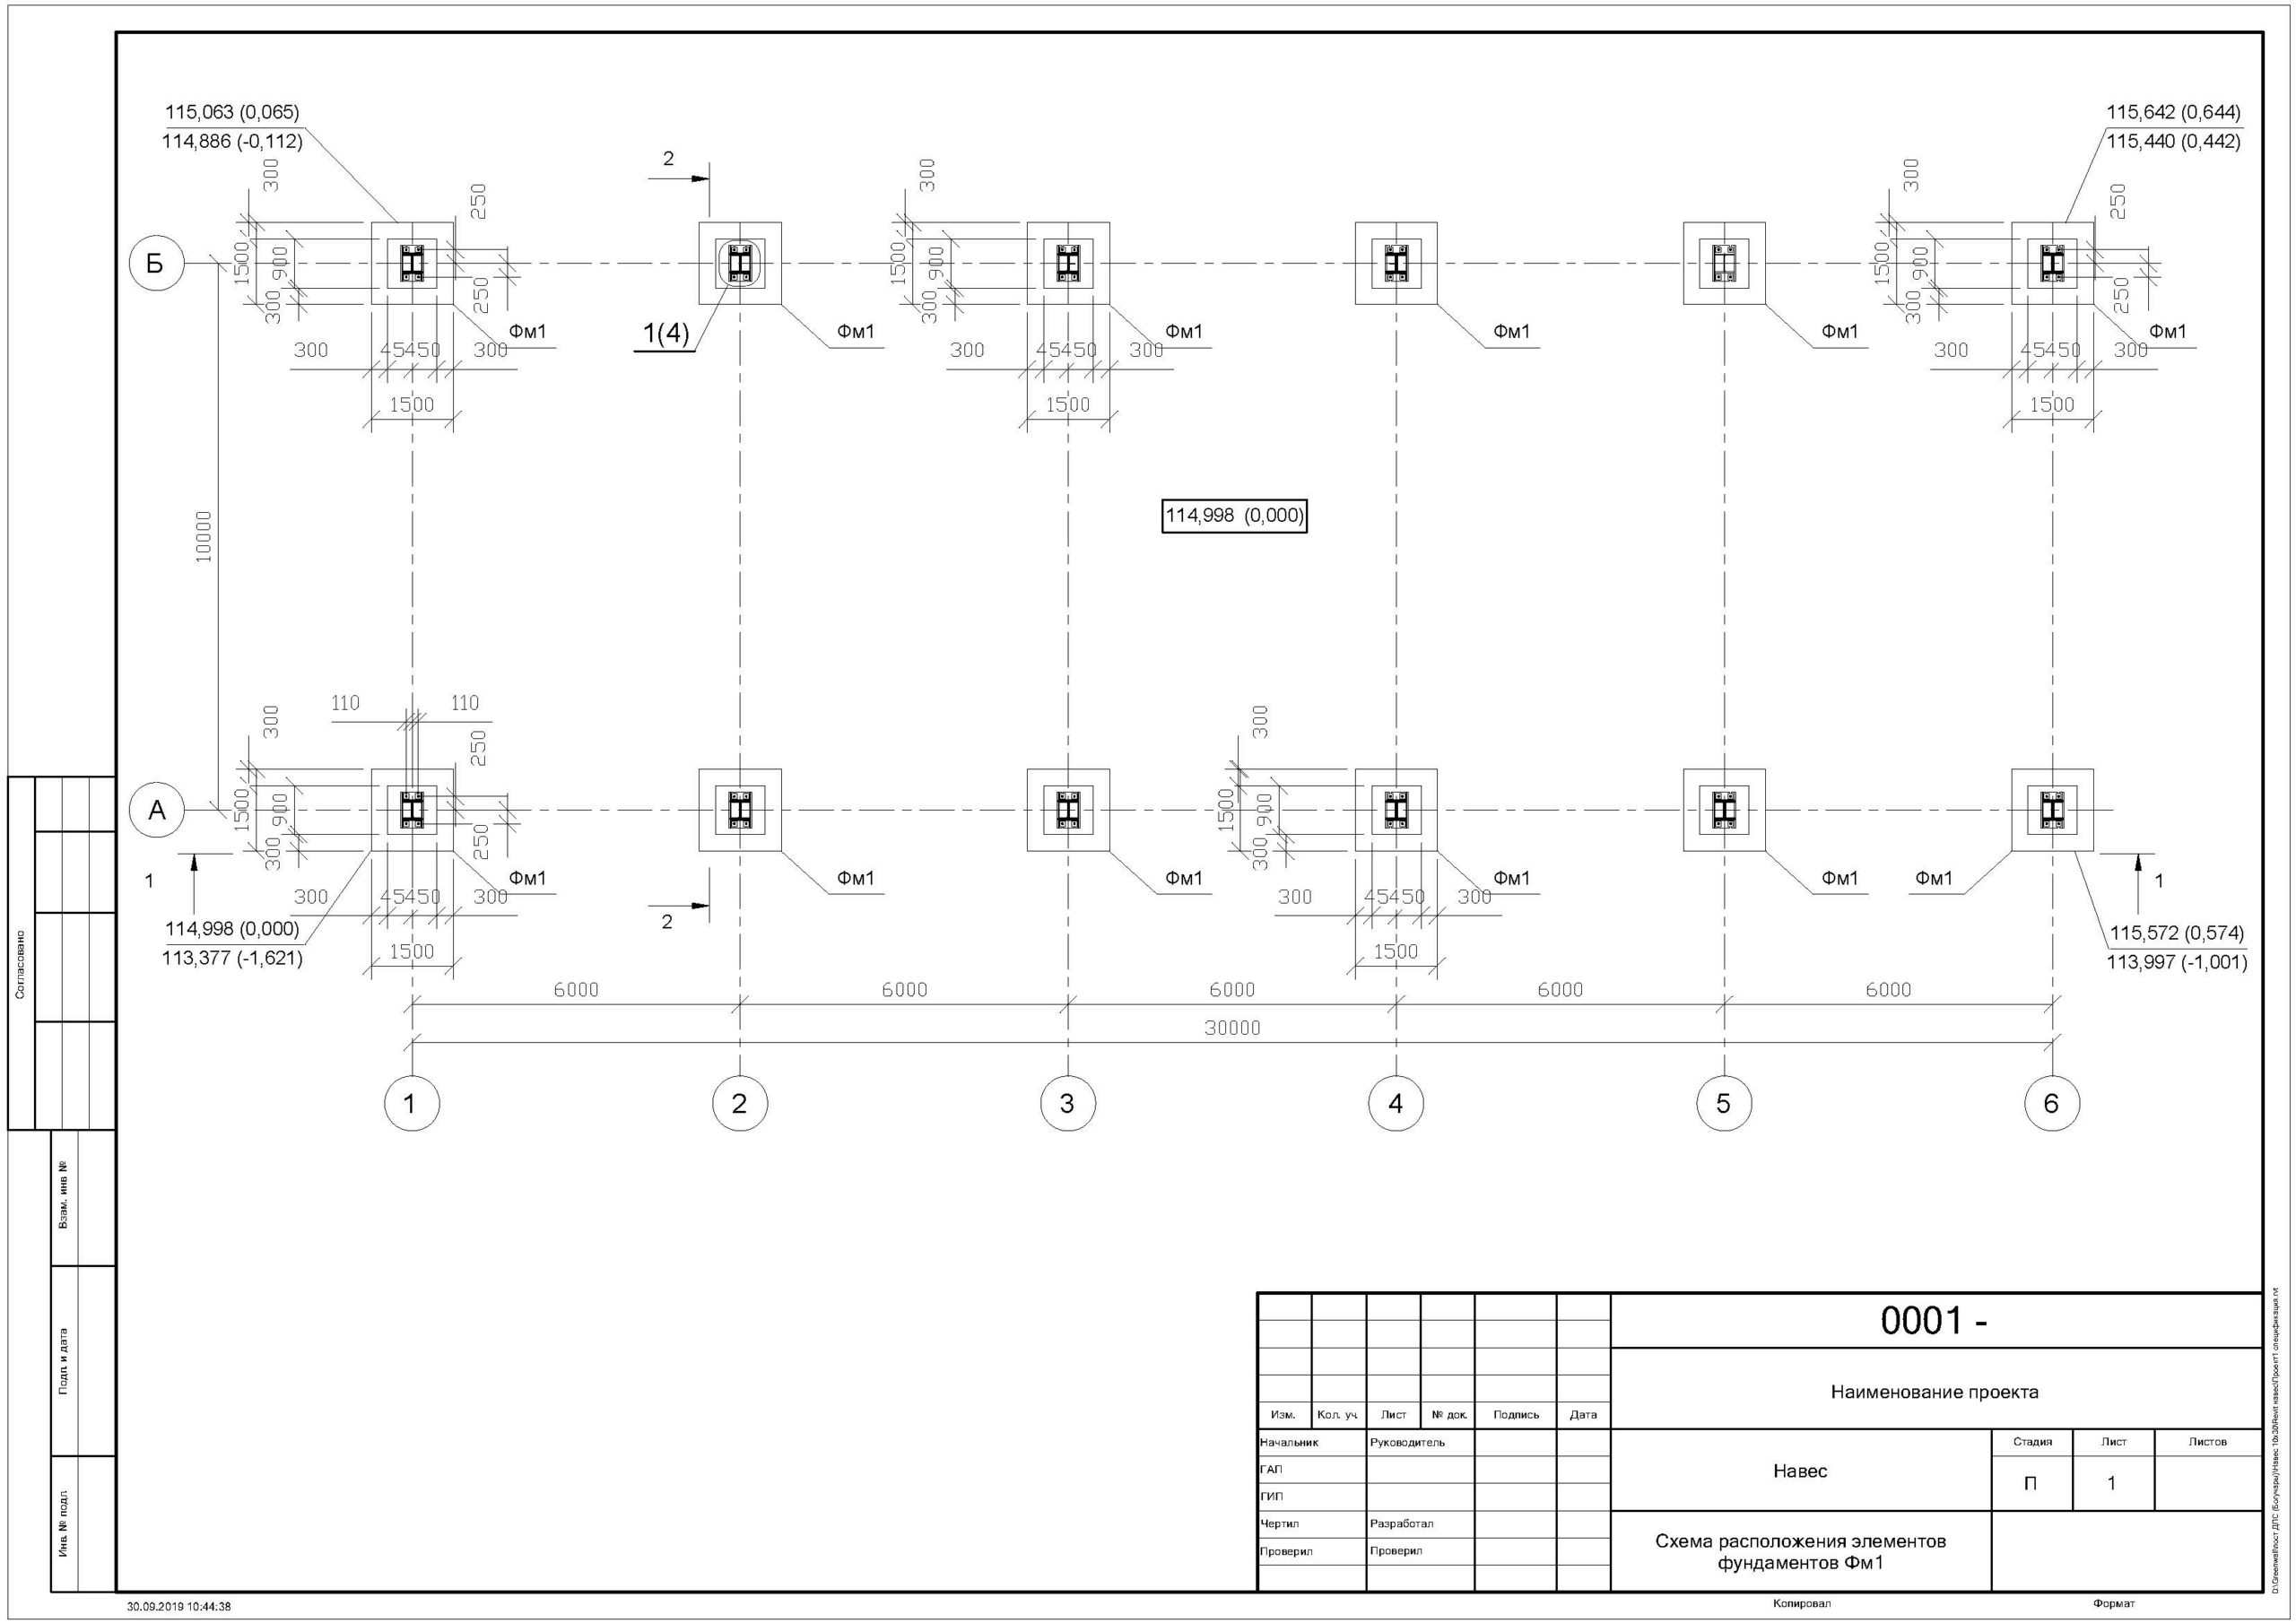 1 - Схема расположения элементов фундаментов Фм1-Layout1